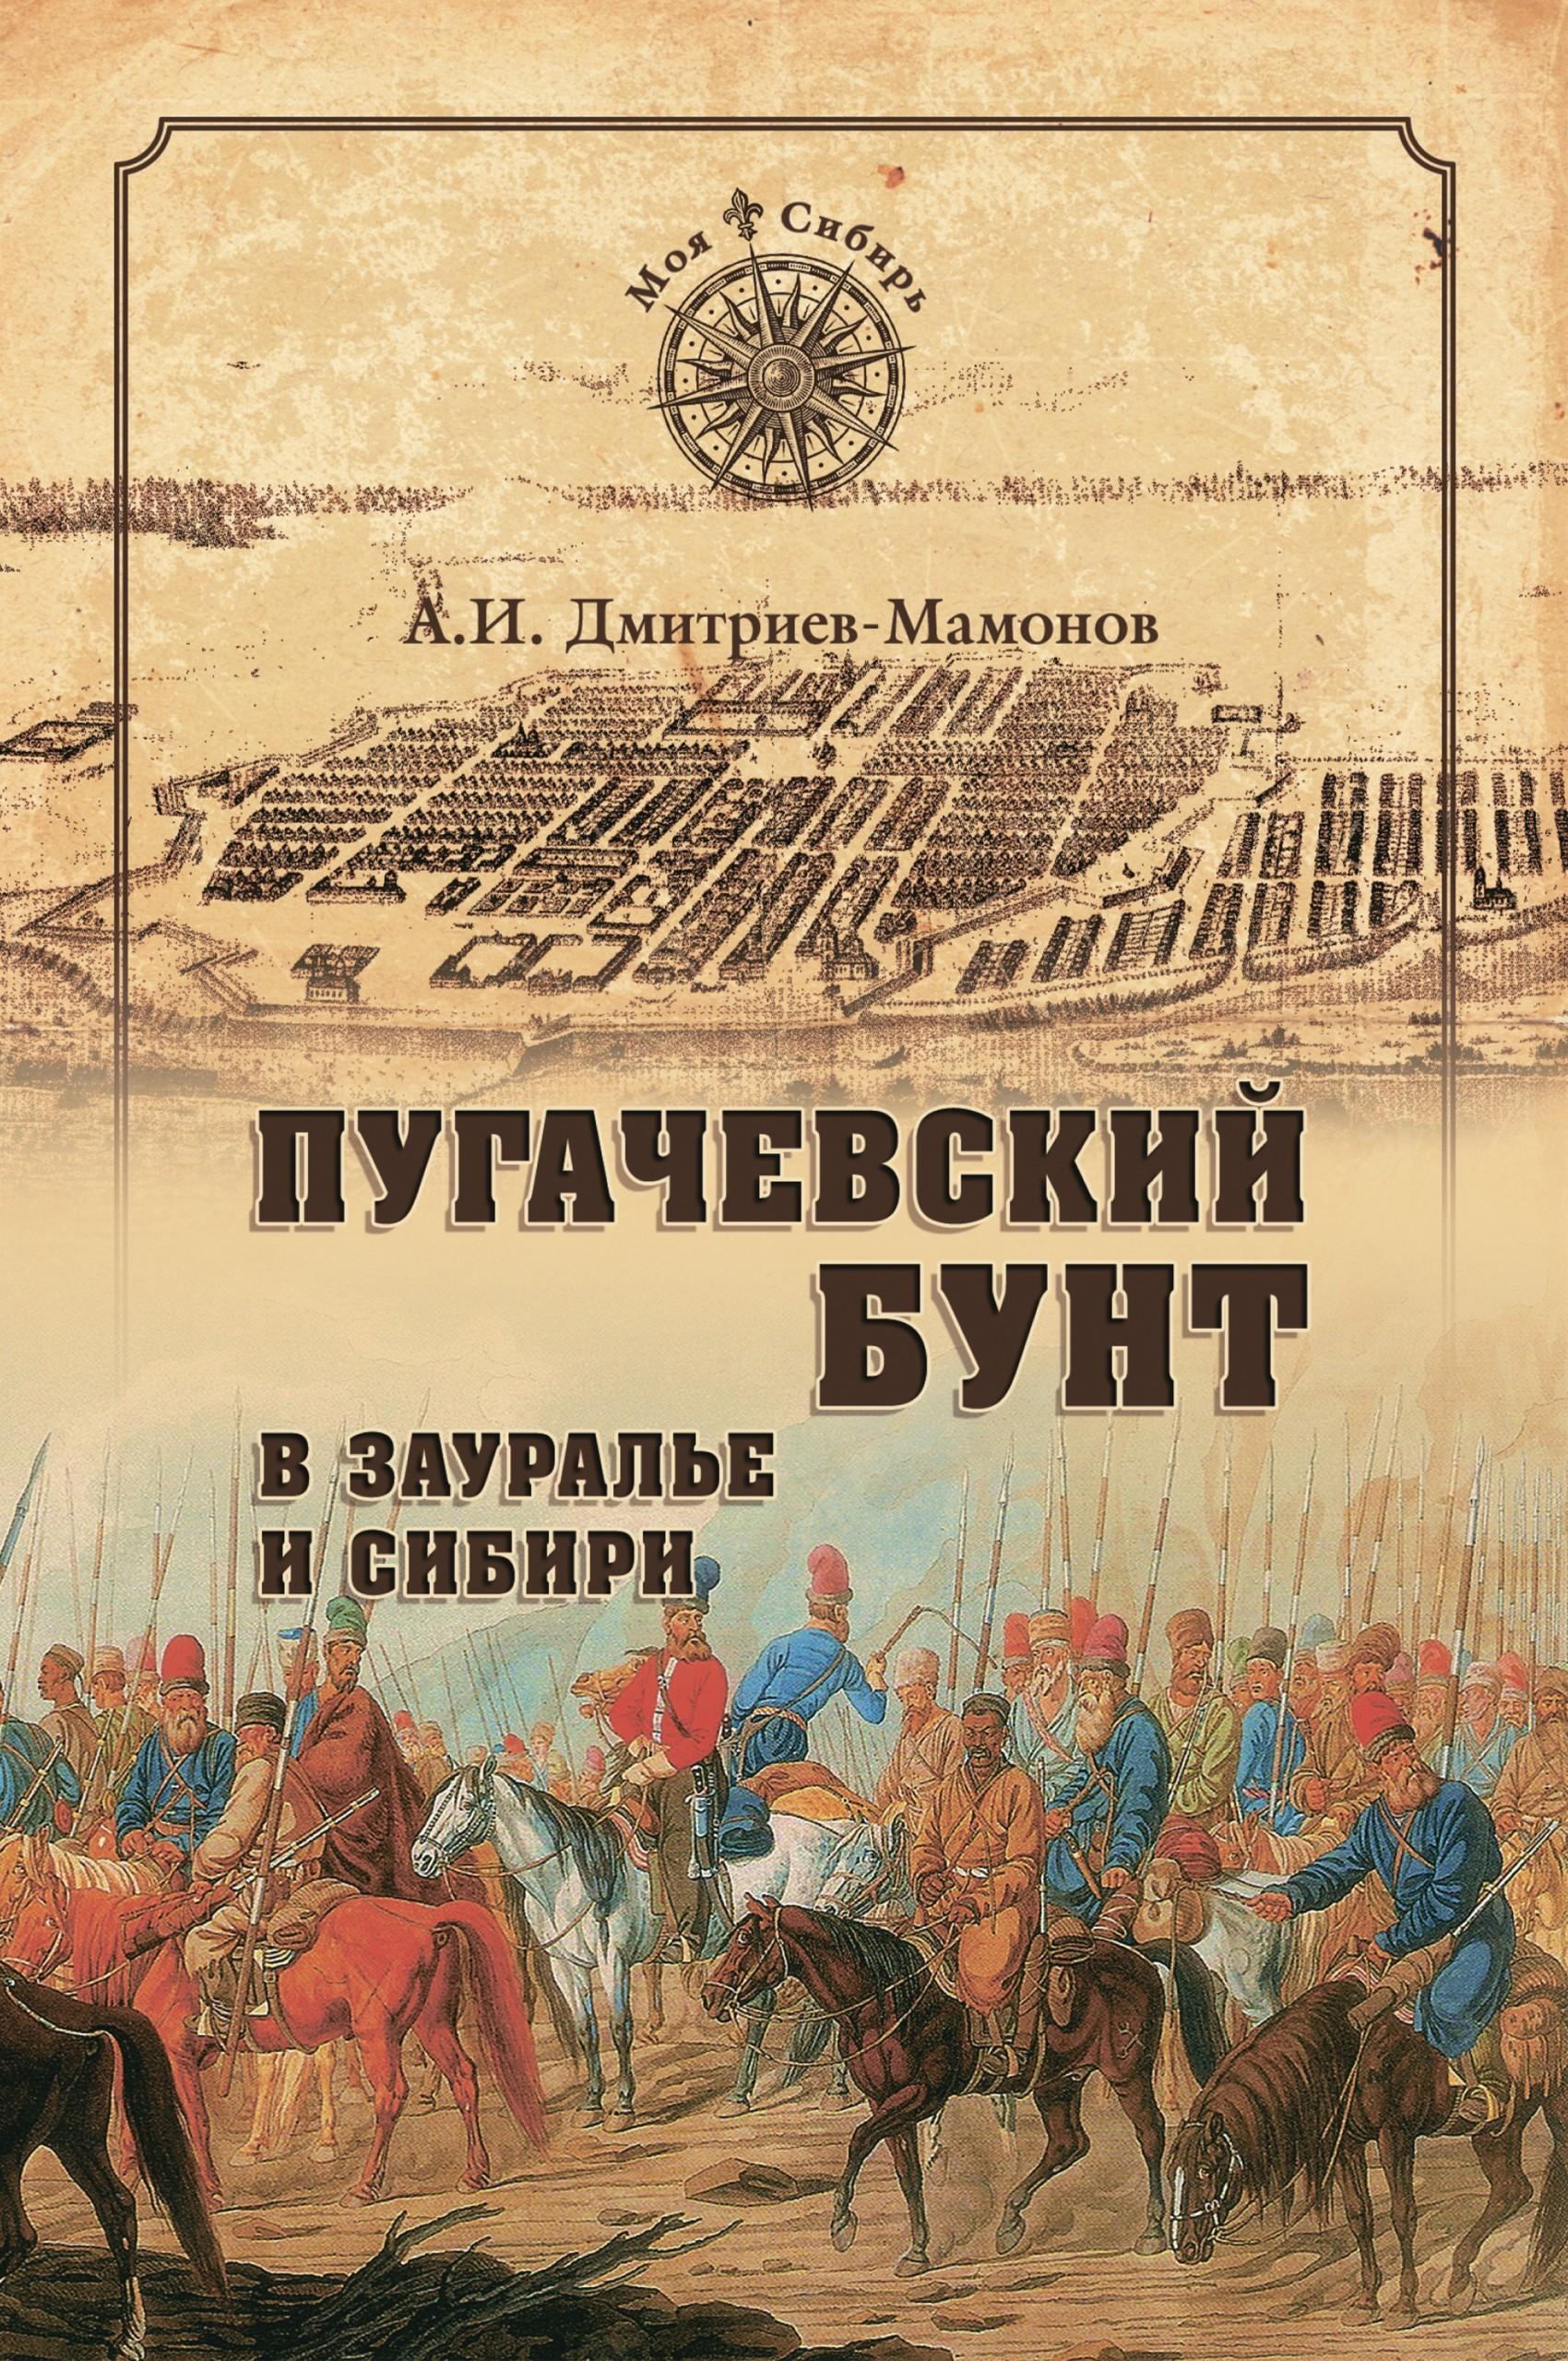 Купить книгу Пугачевский бунт в Зауралье и Сибири, автора А. И. Дмитриева-Мамонова